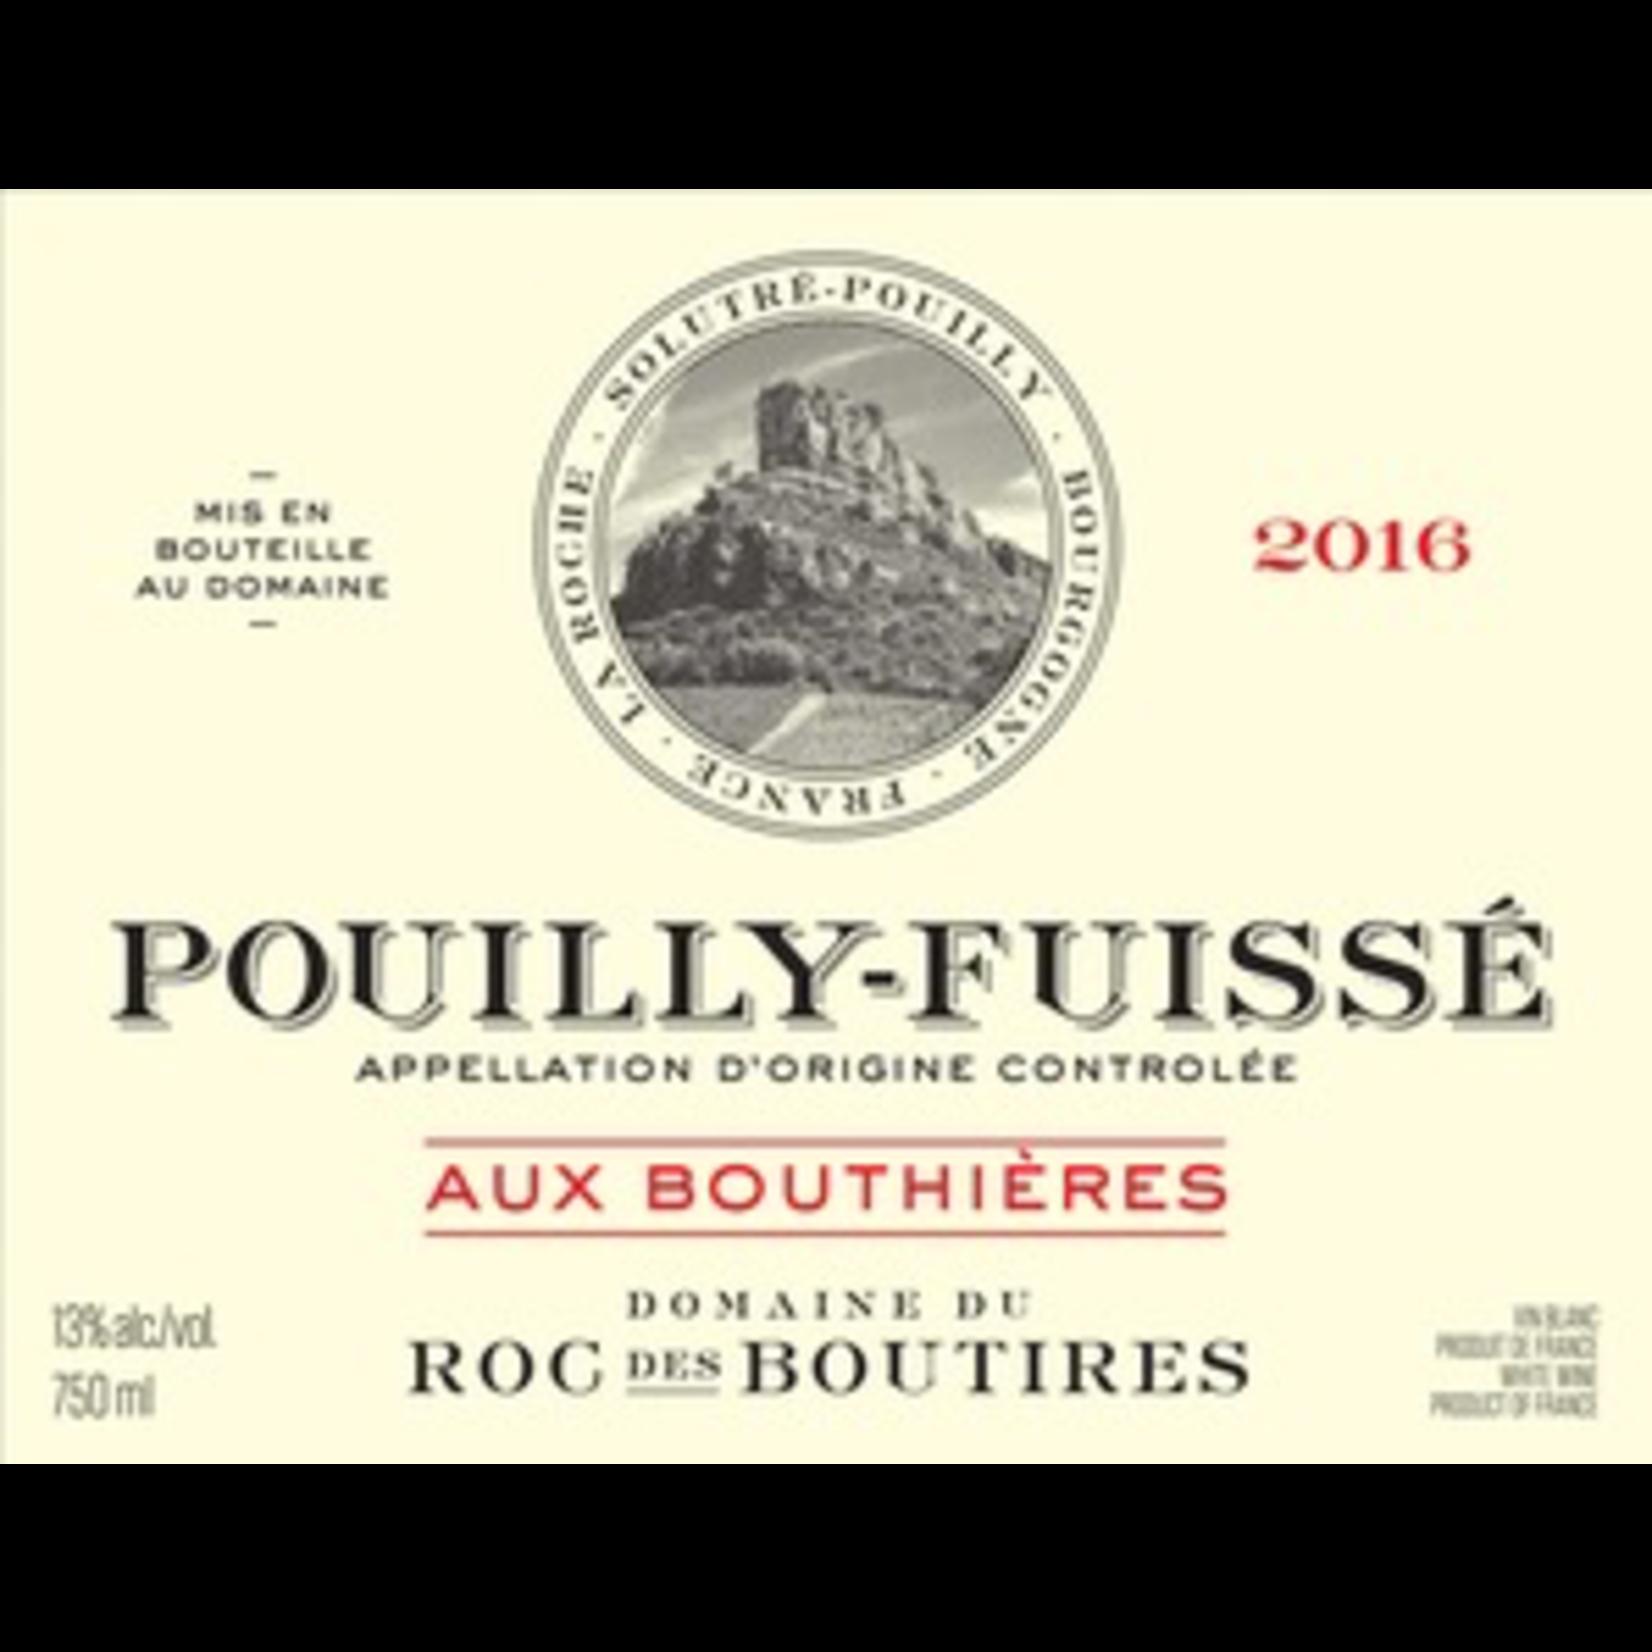 Wine Domaine du Roc des Boutires Pouilly Fuisse Aux Bouthieres 2018